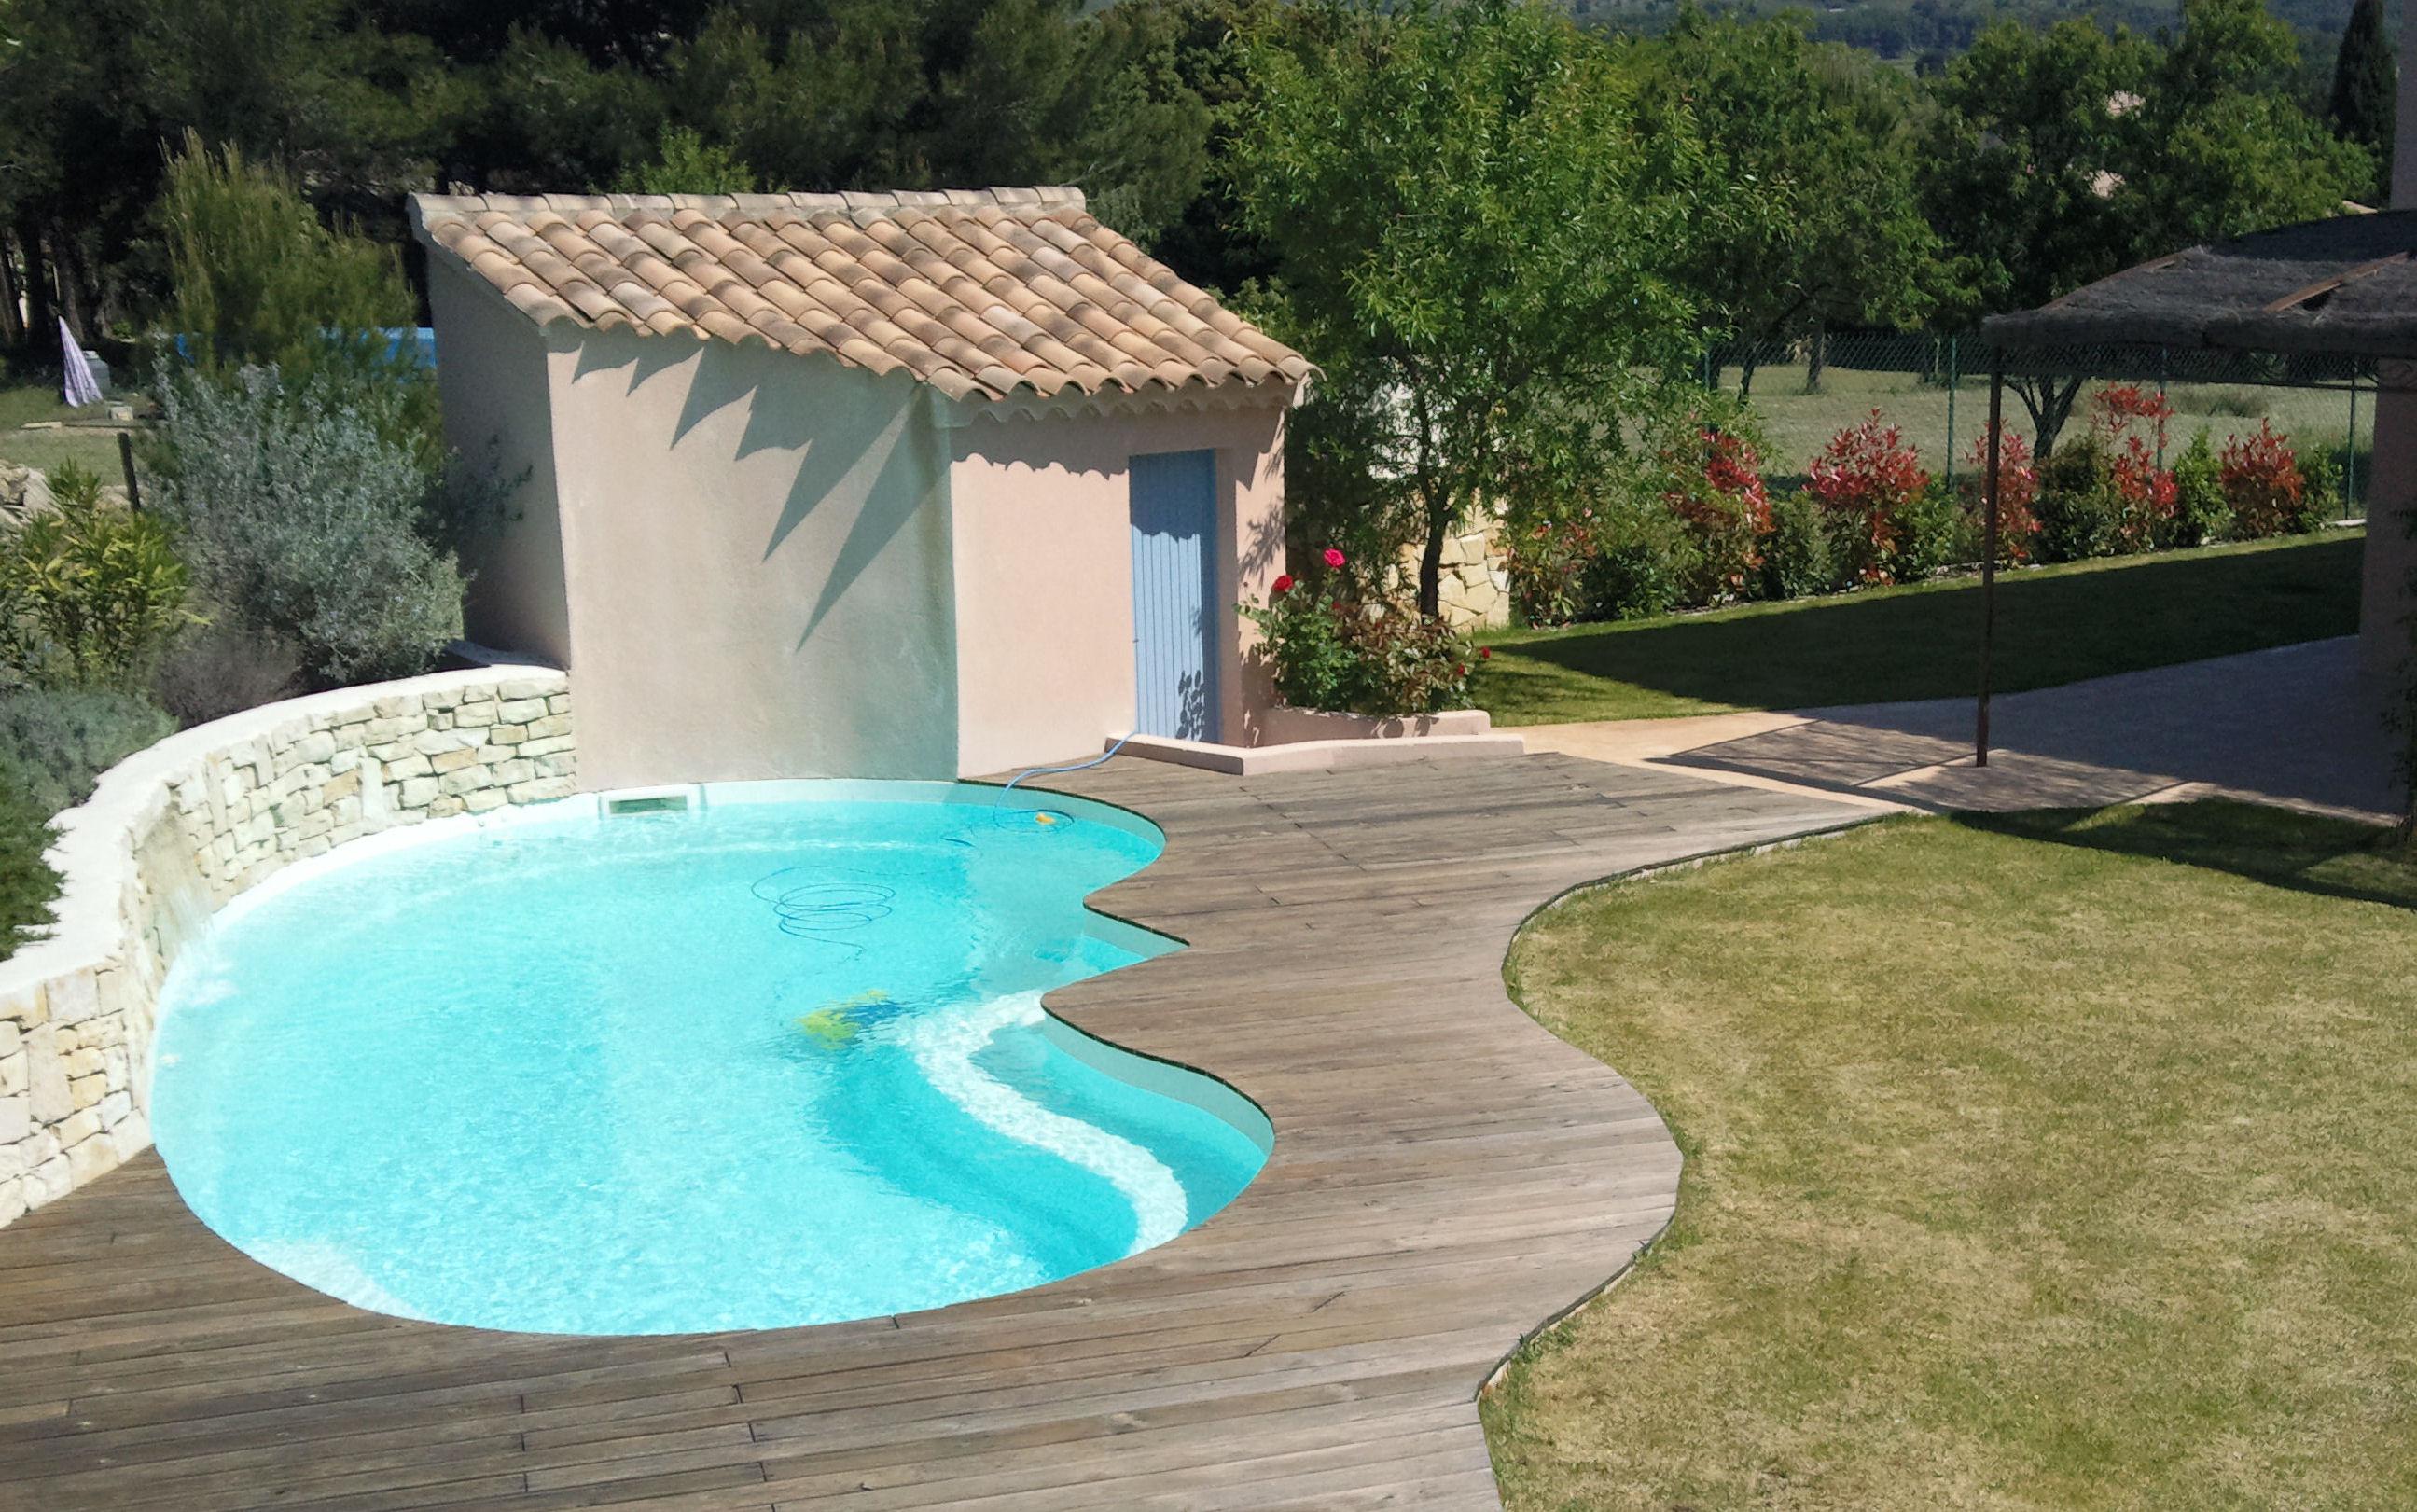 piscine forme haricot une piscine en bton piscine coque haricot les couvertures piscine de. Black Bedroom Furniture Sets. Home Design Ideas